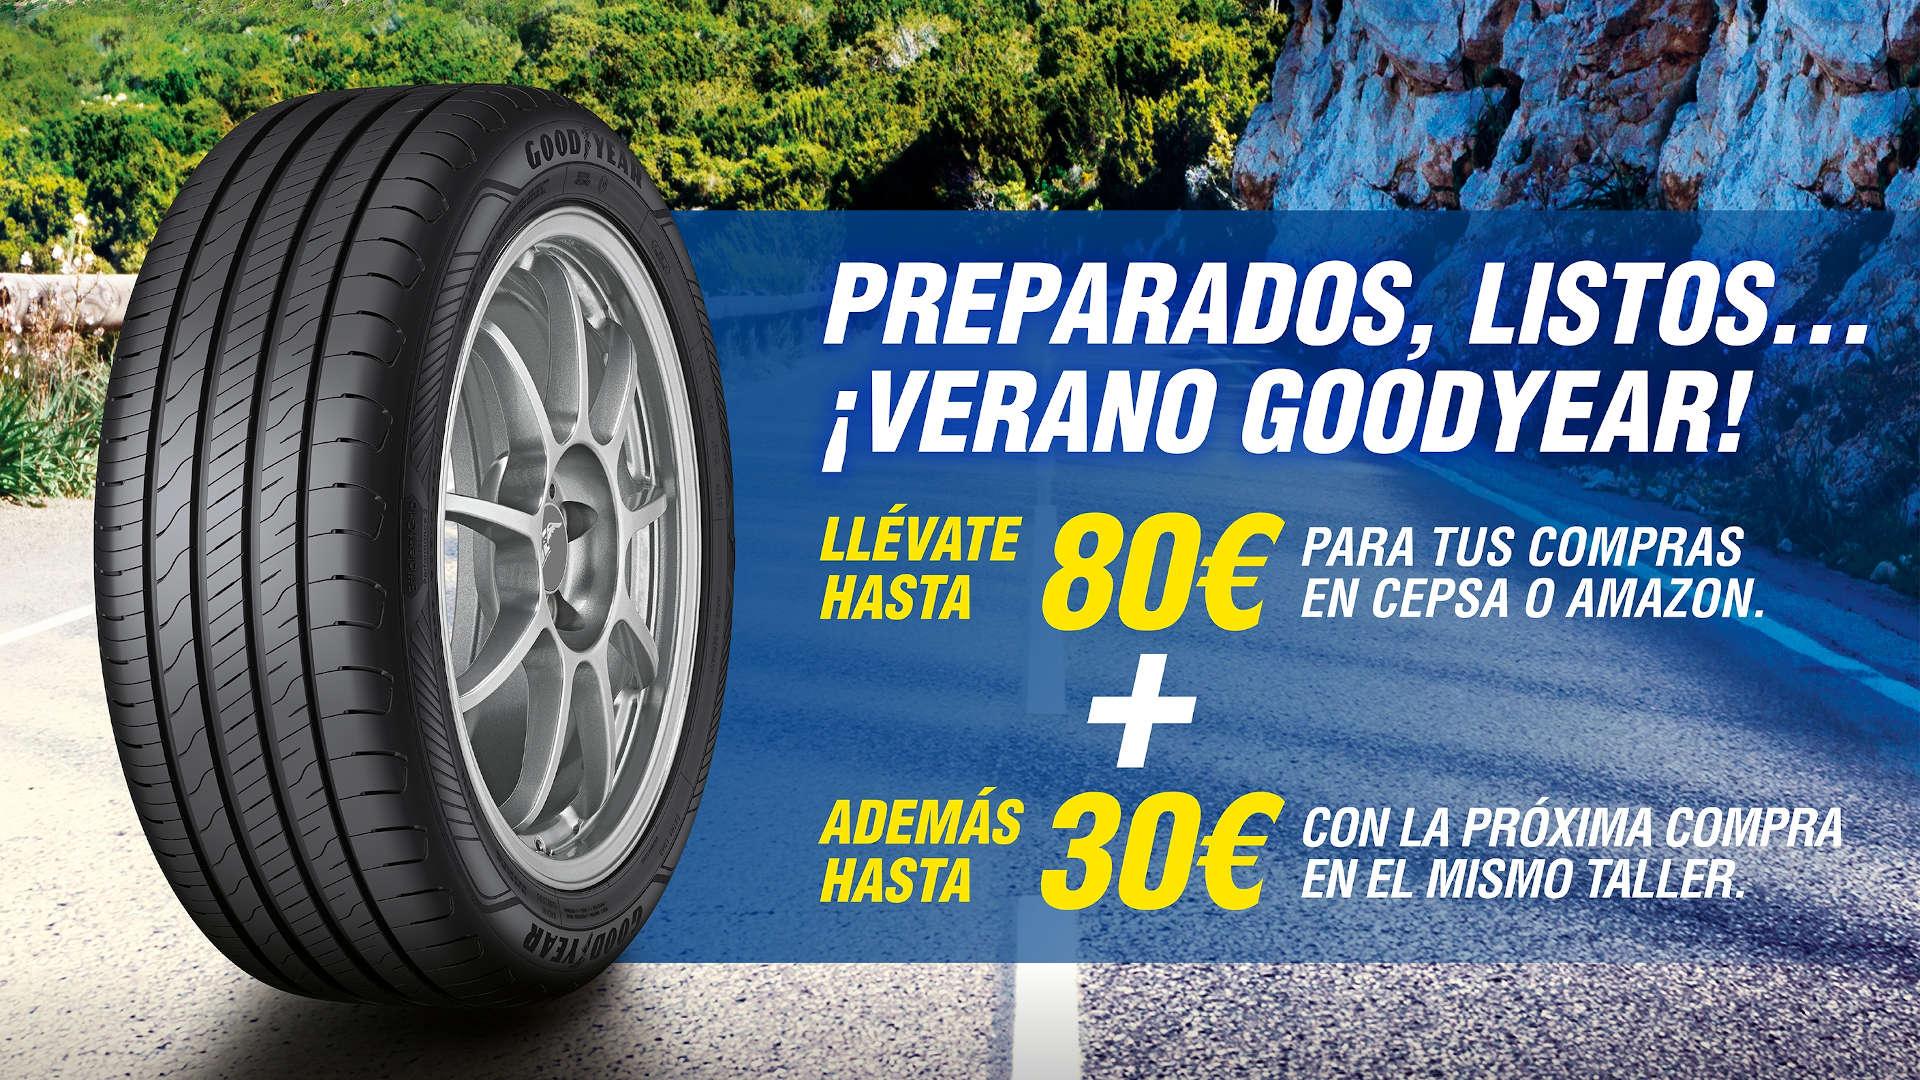 Prepara tu coche para el verano con esta promoción de neumáticos Goodyear